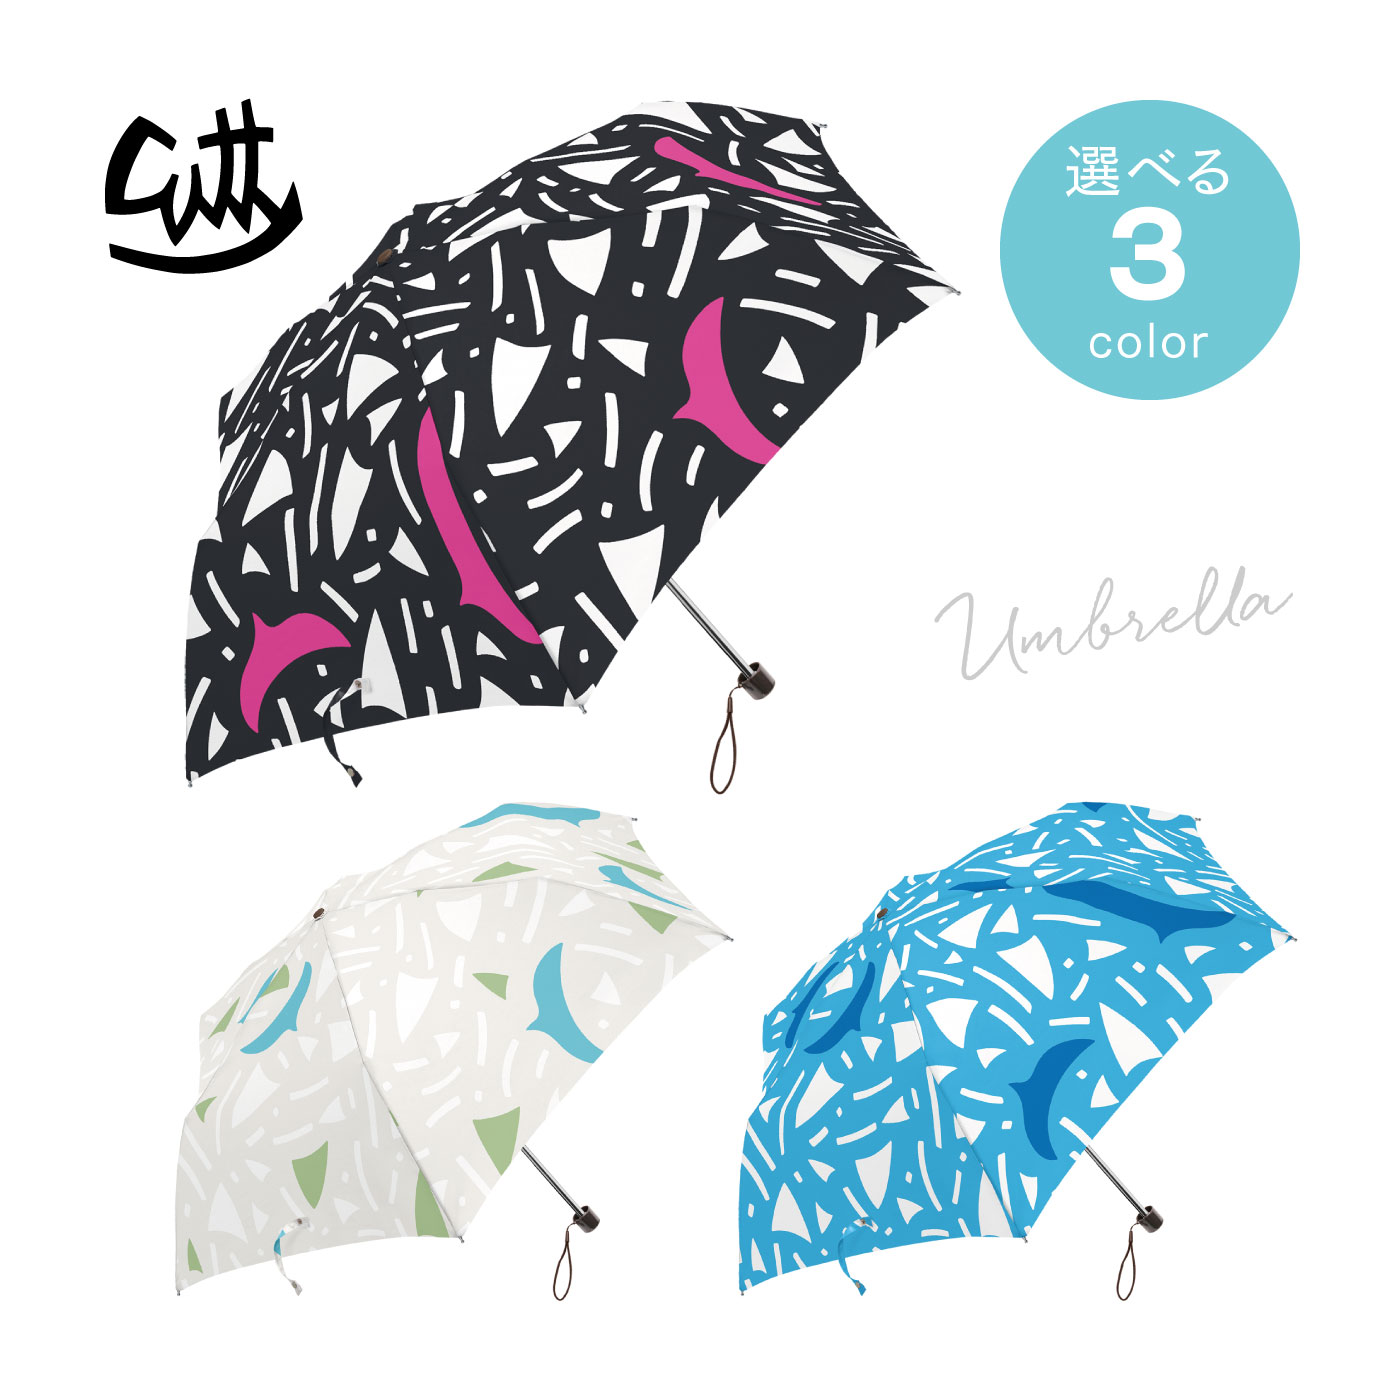 雨の日を素敵な時間に 折り畳み傘フリーフライバード